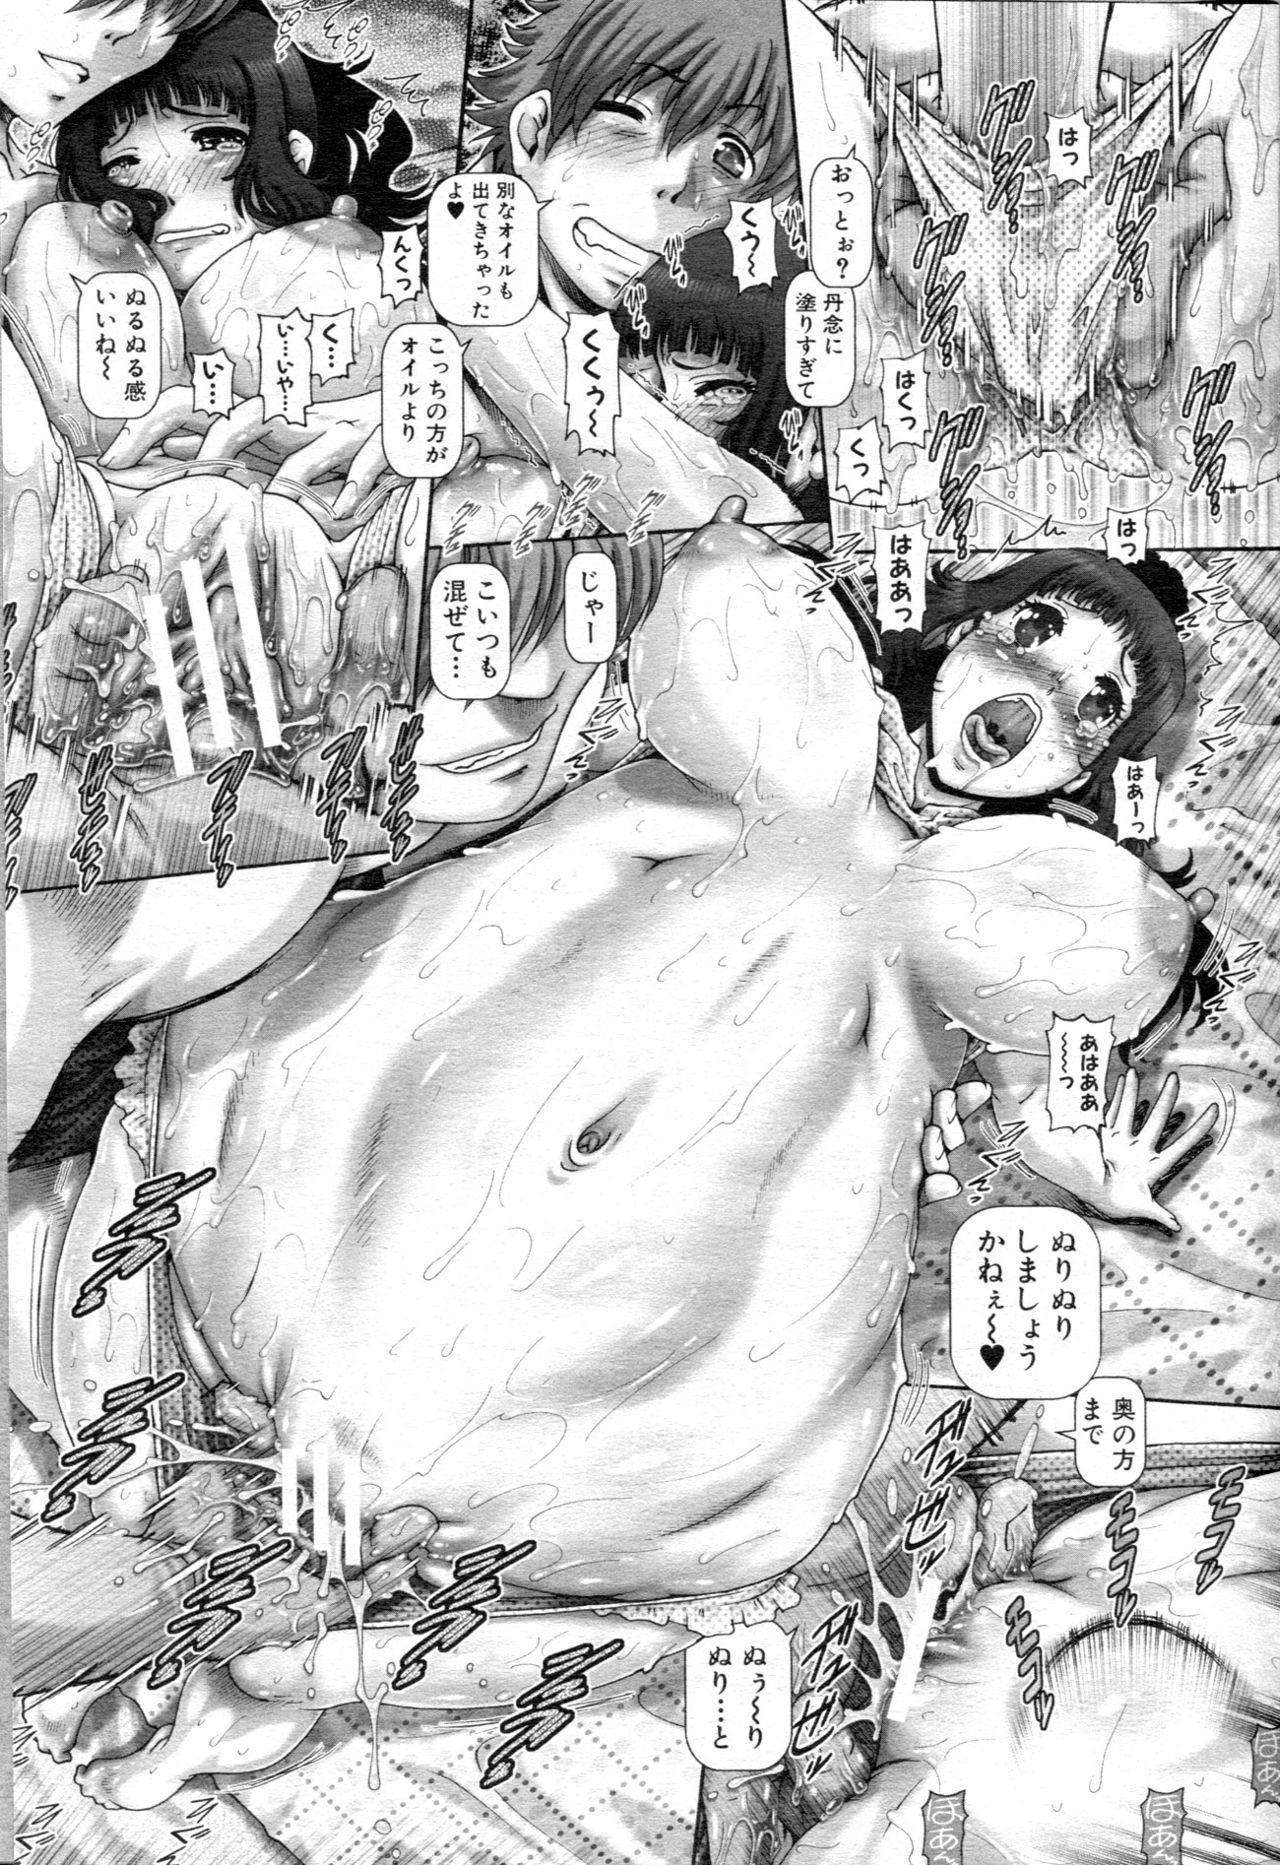 Ayakashiyakata no Tamahime 142